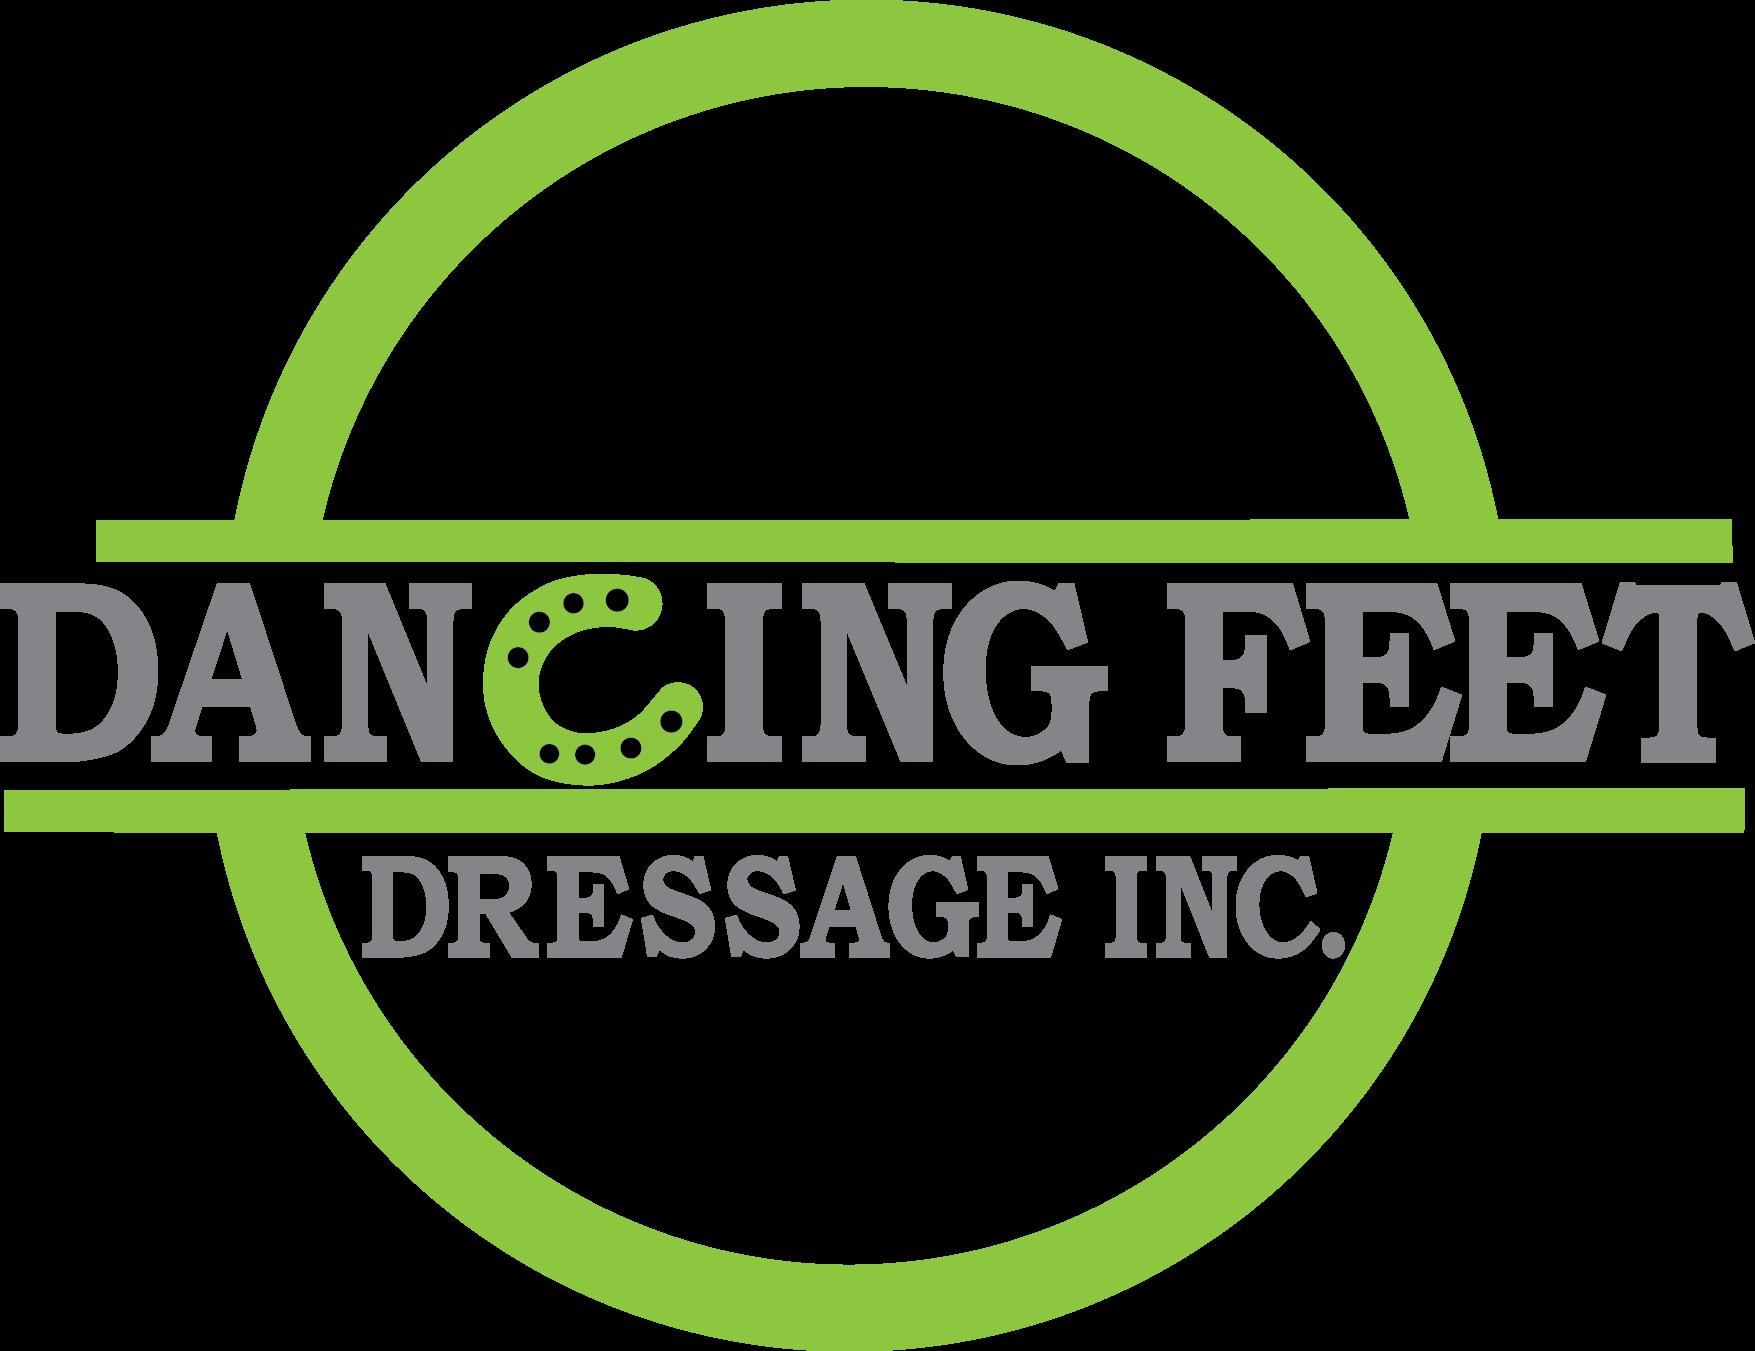 Dancing Feet Dressage